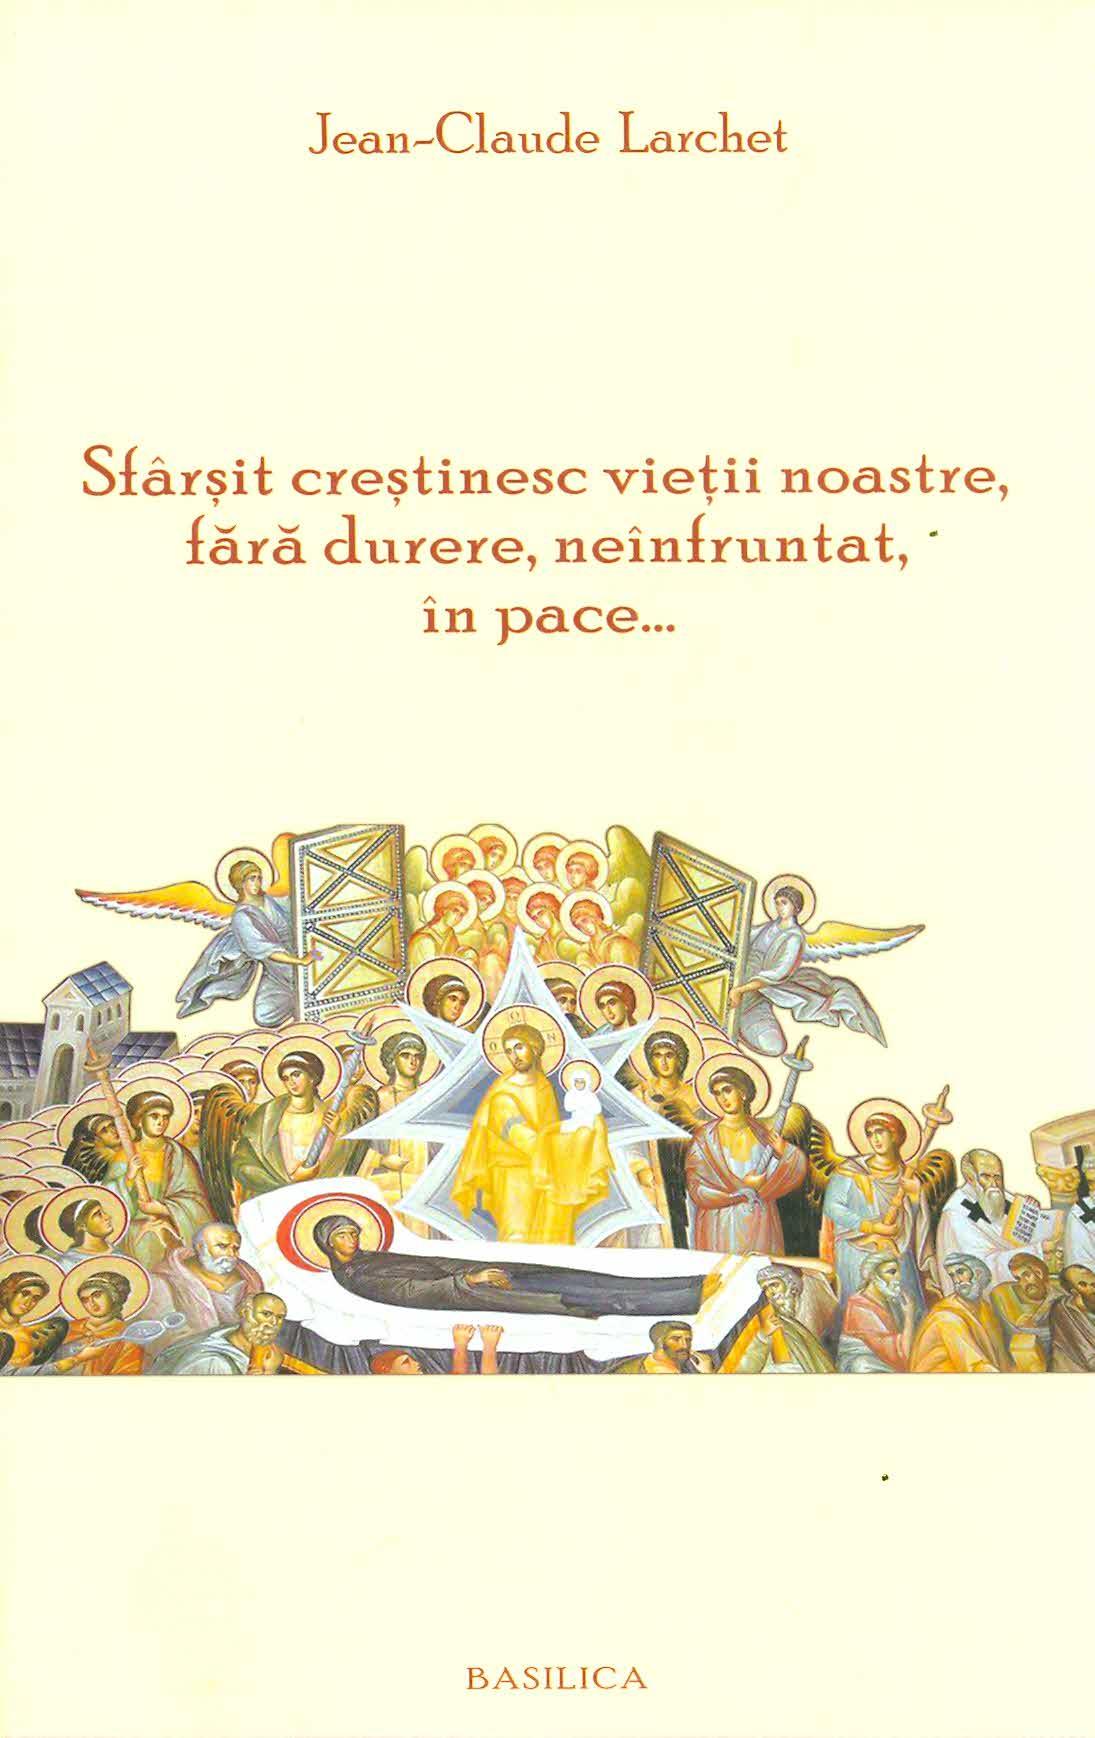 Sfârșit creștinesc vieții noastre, fără durere, neînfruntat, în pace...